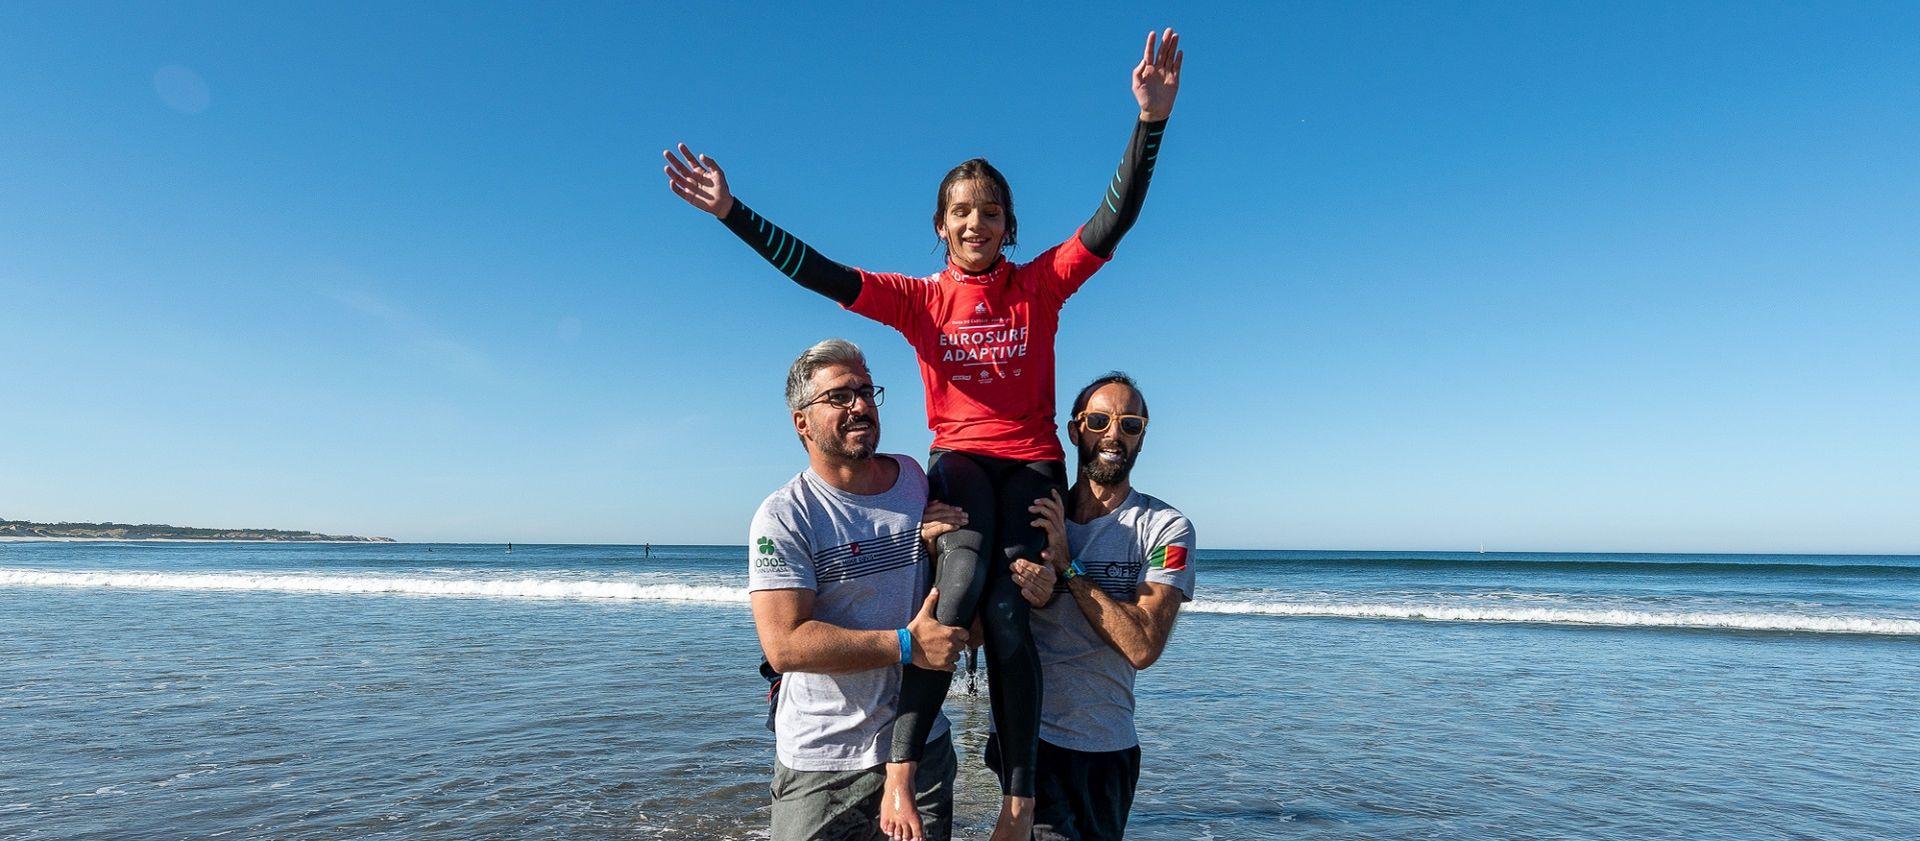 Marta Paço e Nuno Vitorino são campeões Europeus de Surf Adaptado